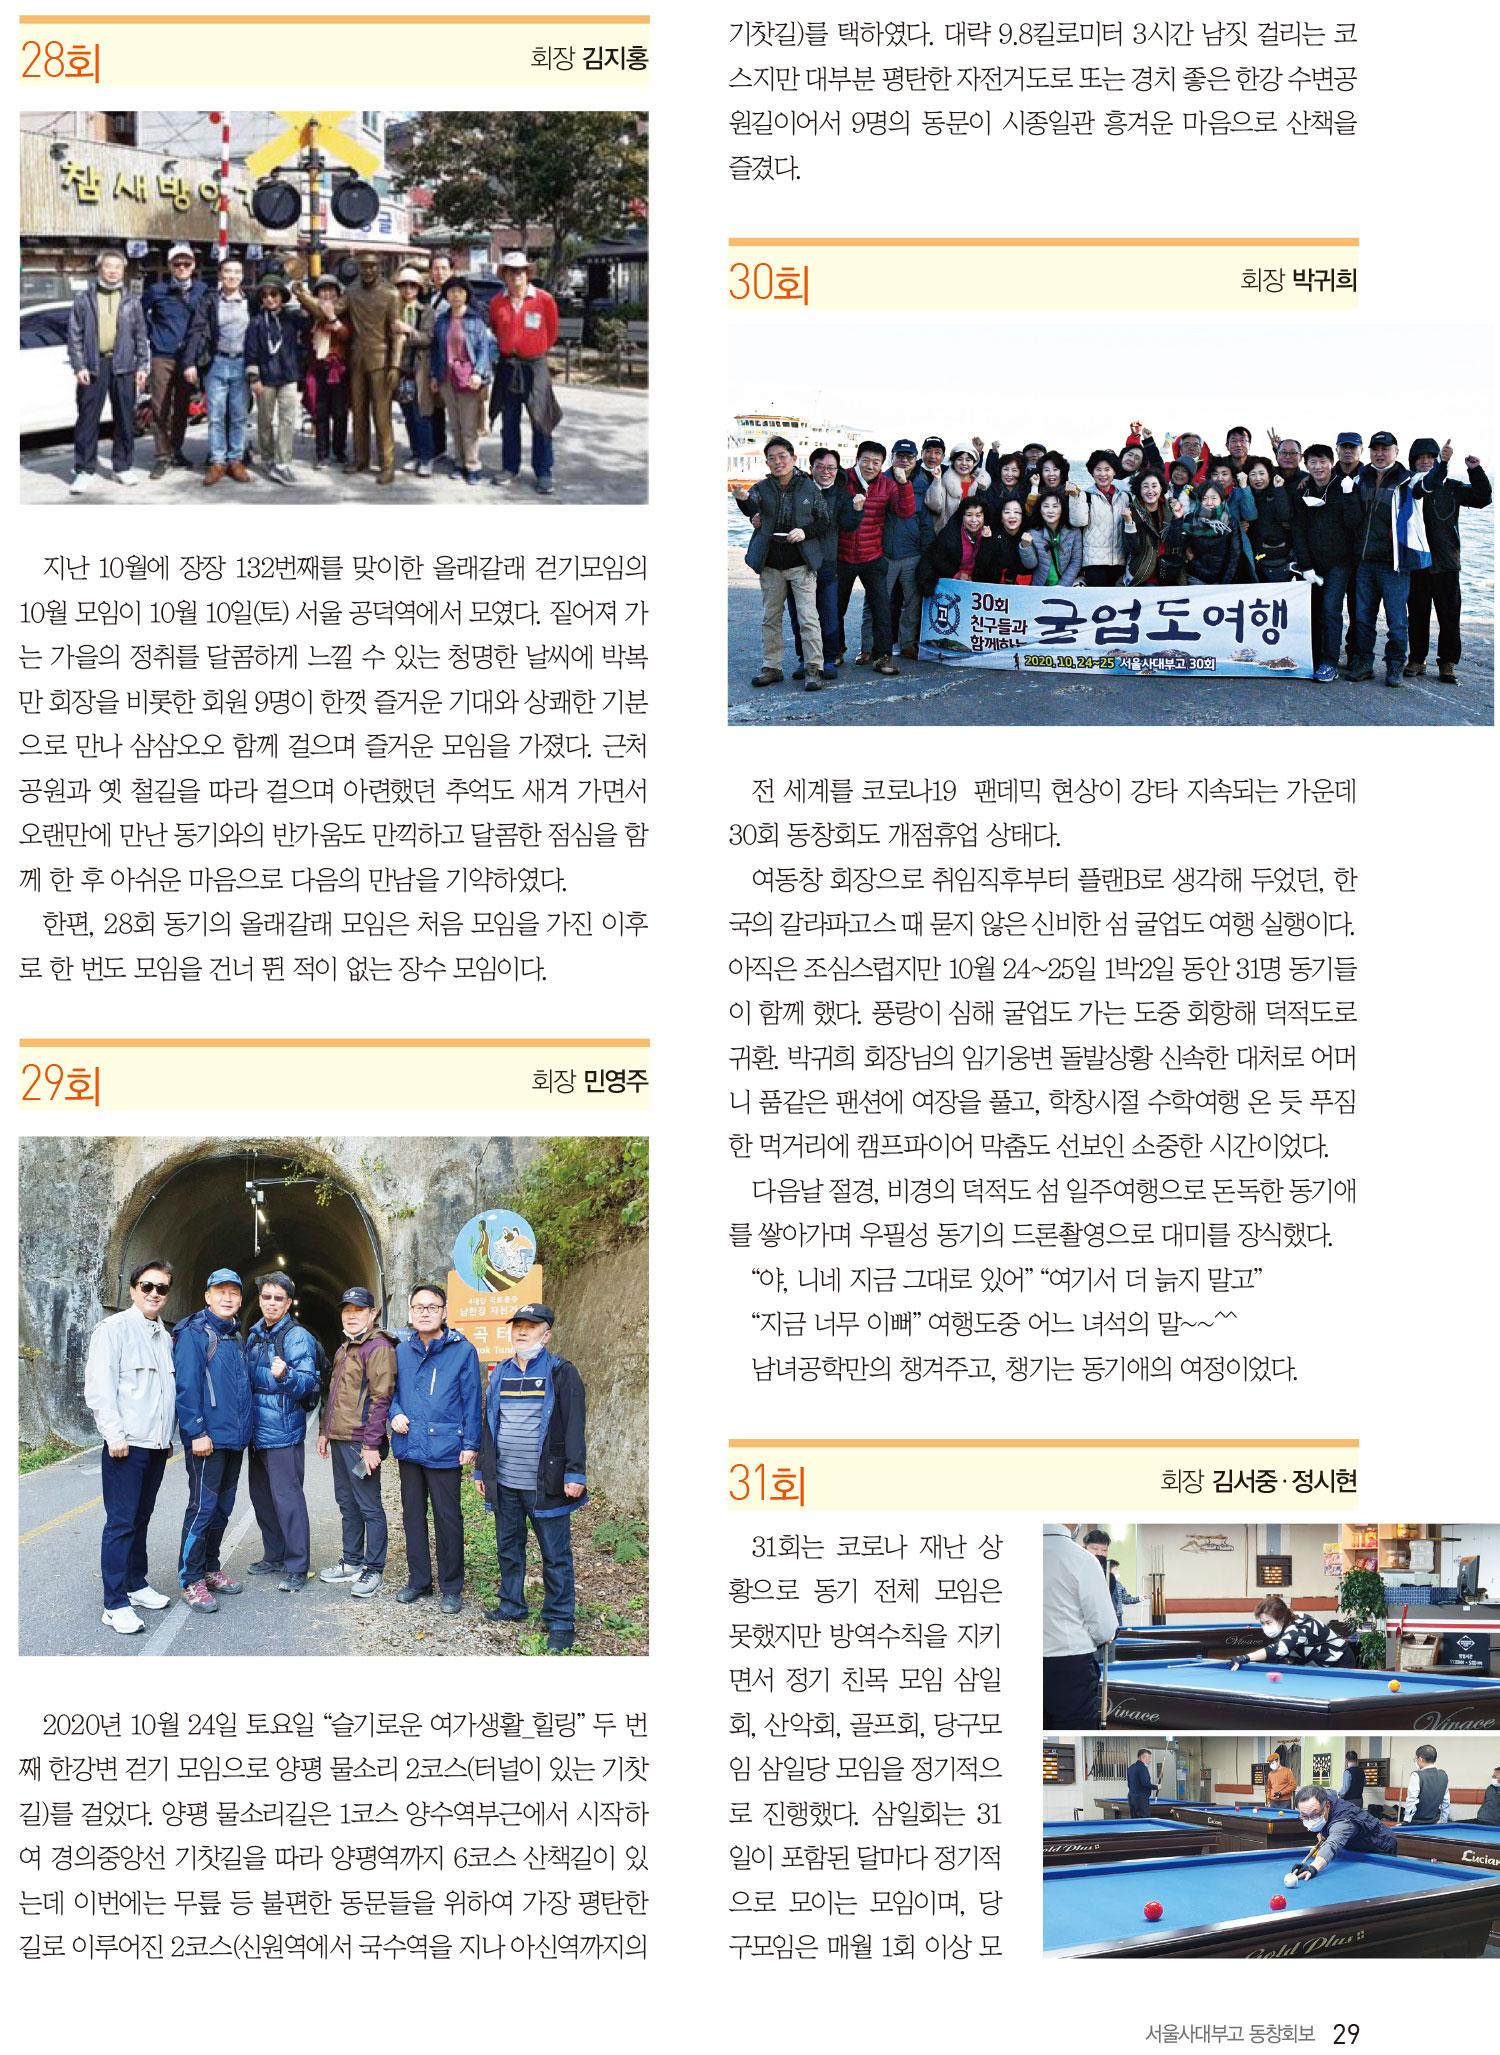 서울사대부고-115호-홈페이지-29.jpg